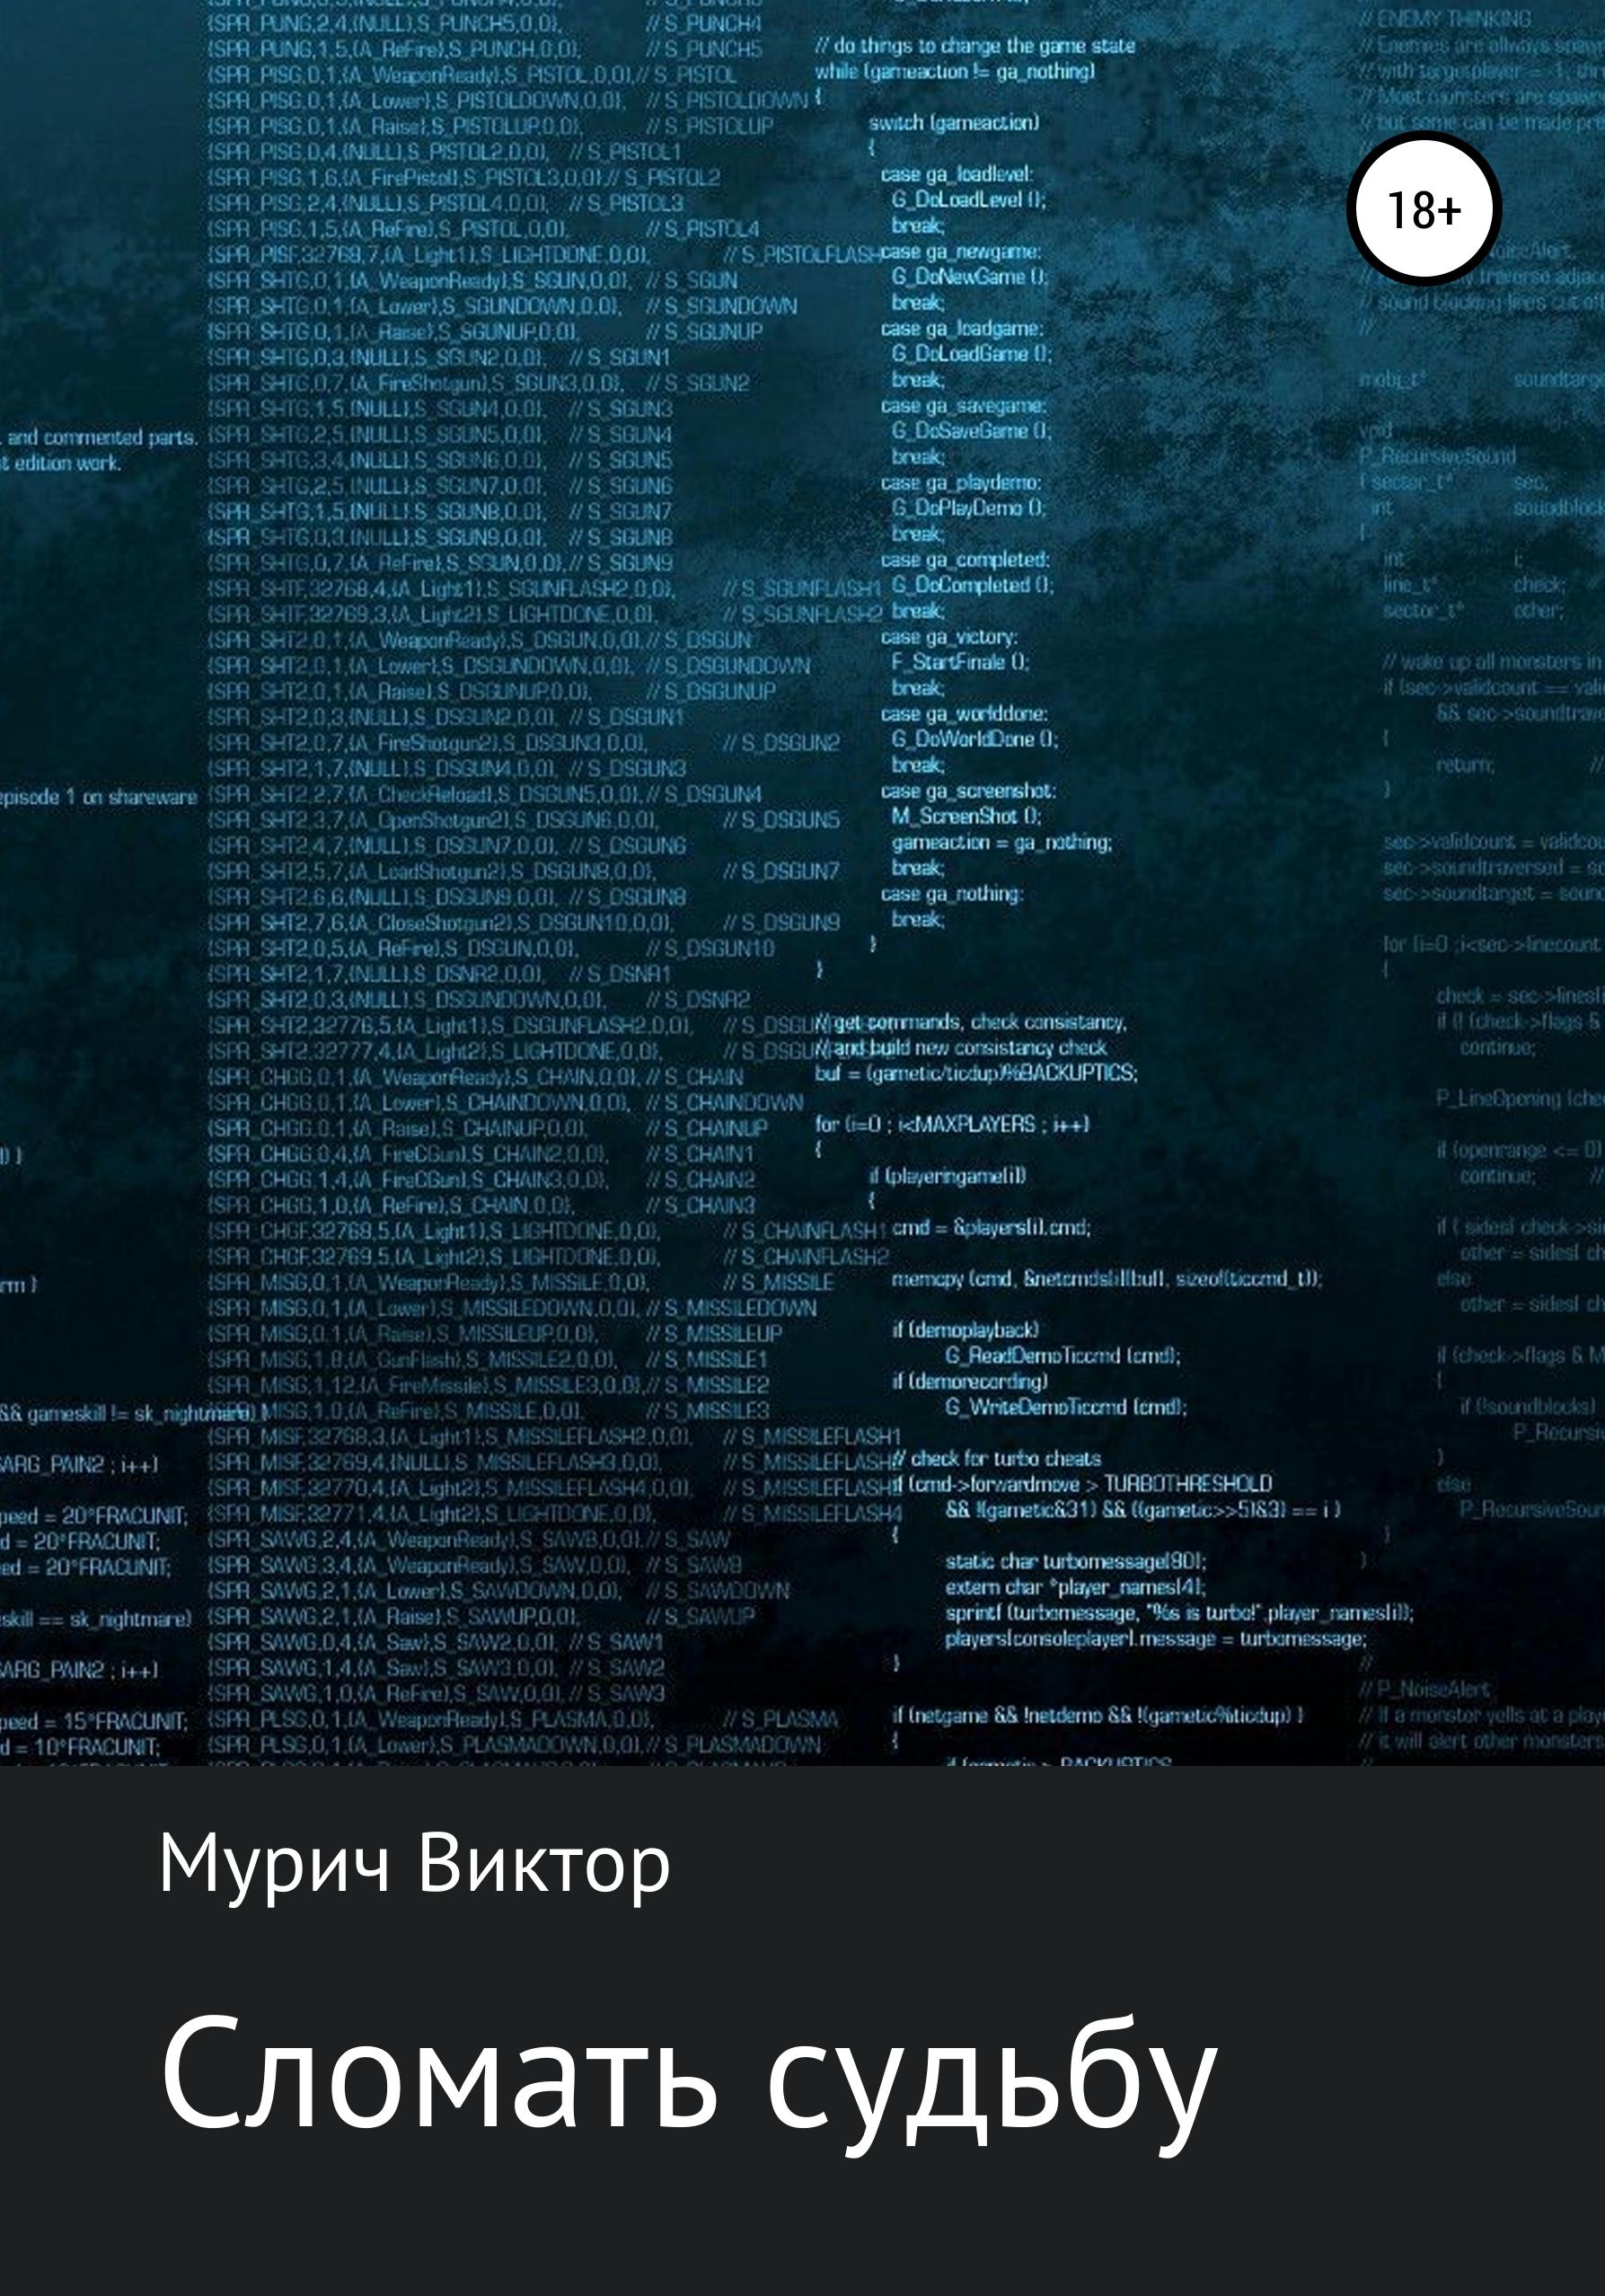 Виктор Борисович Мурич Сломать судьбу дешевый